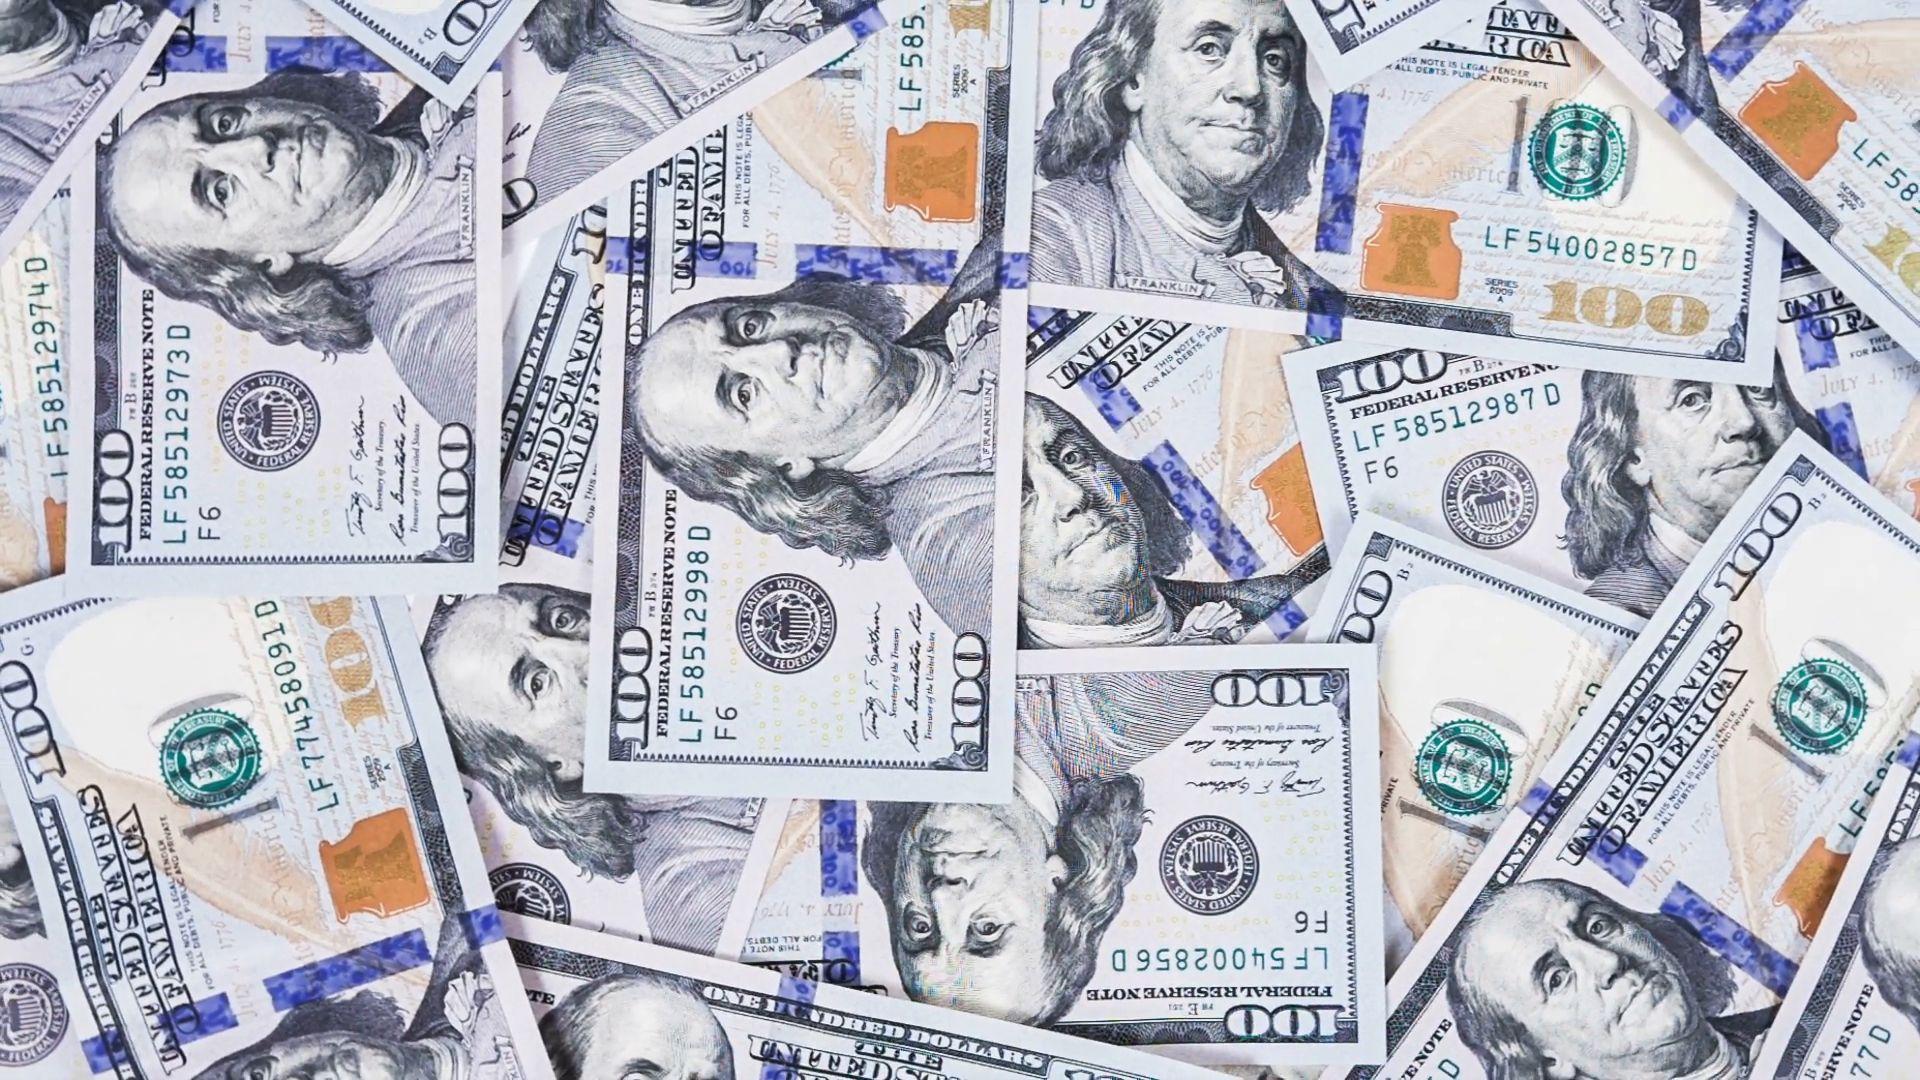 Hundred Dollar Bills Wallpapers Wallpaper Cave